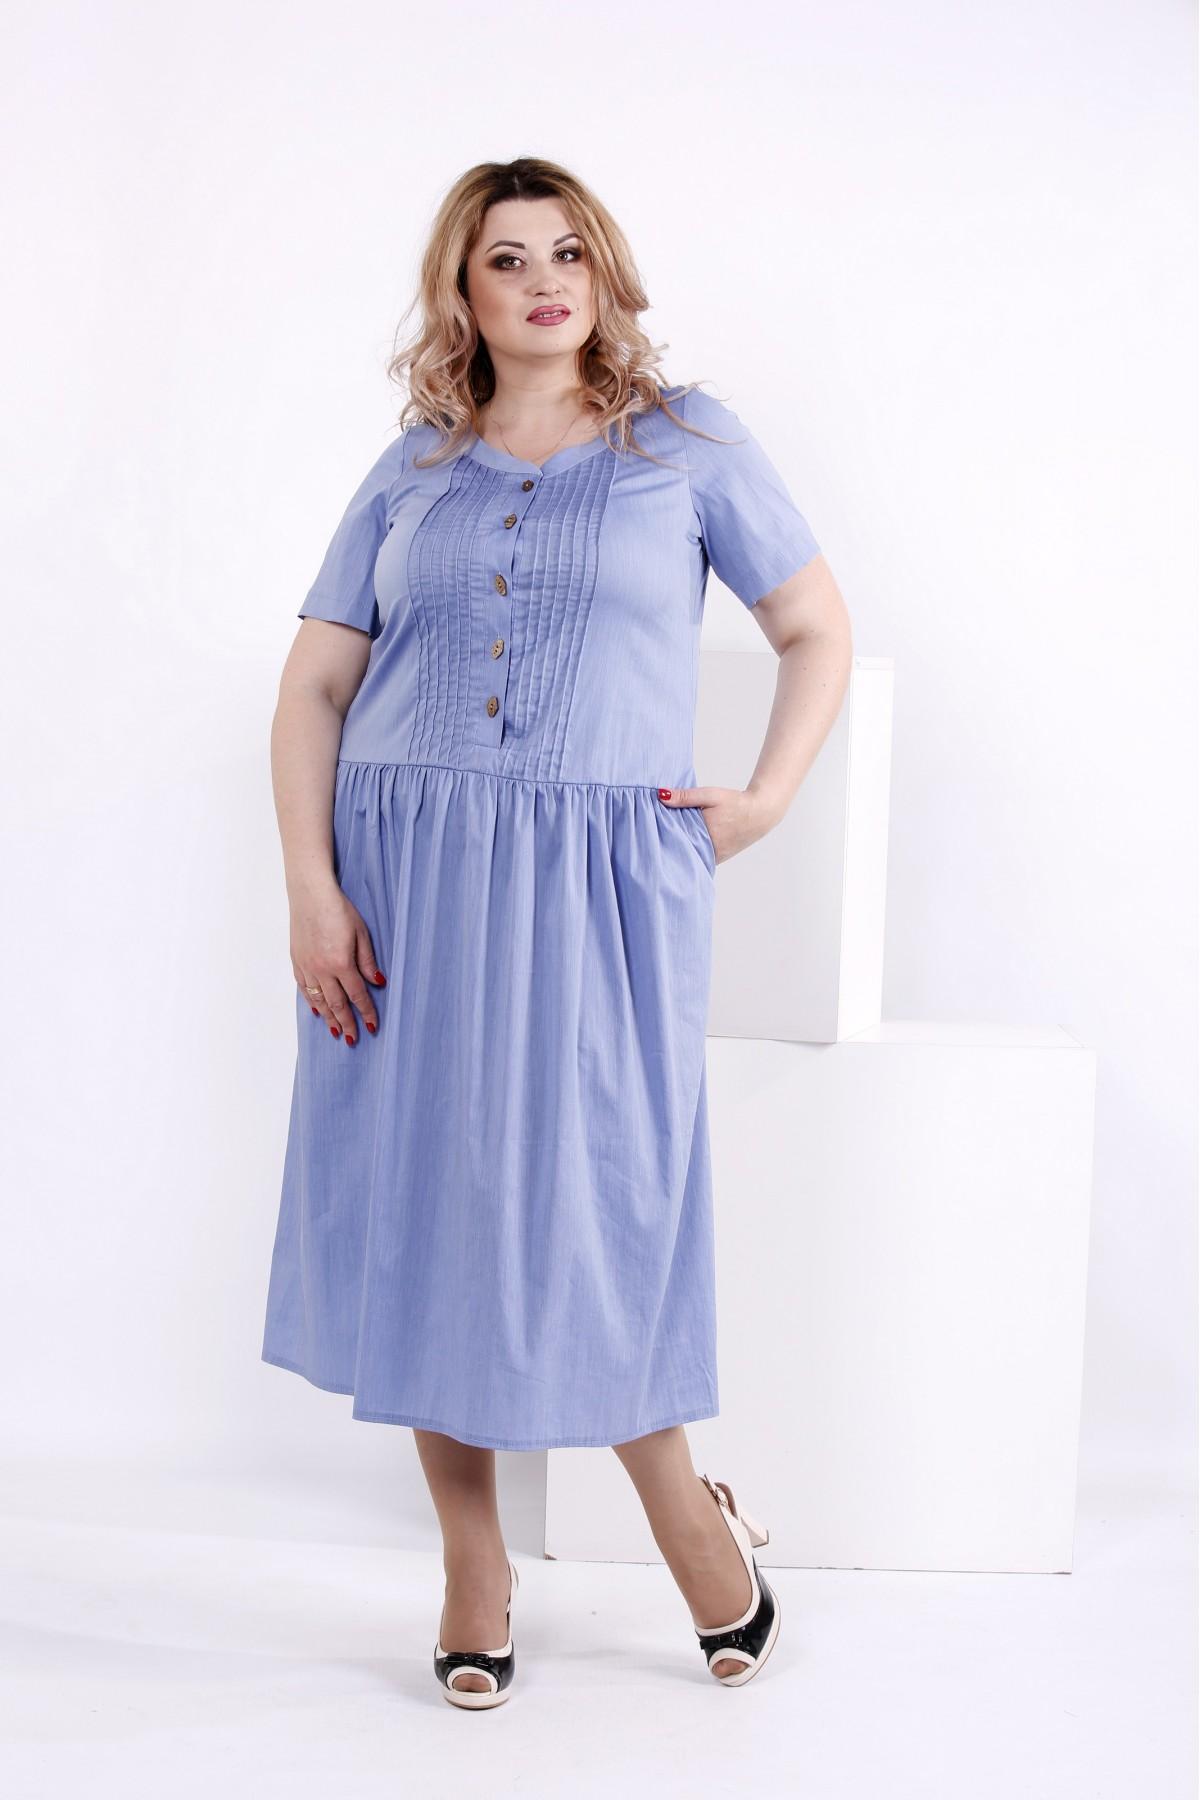 Платье ниже колена цвета джинс | 0845-2